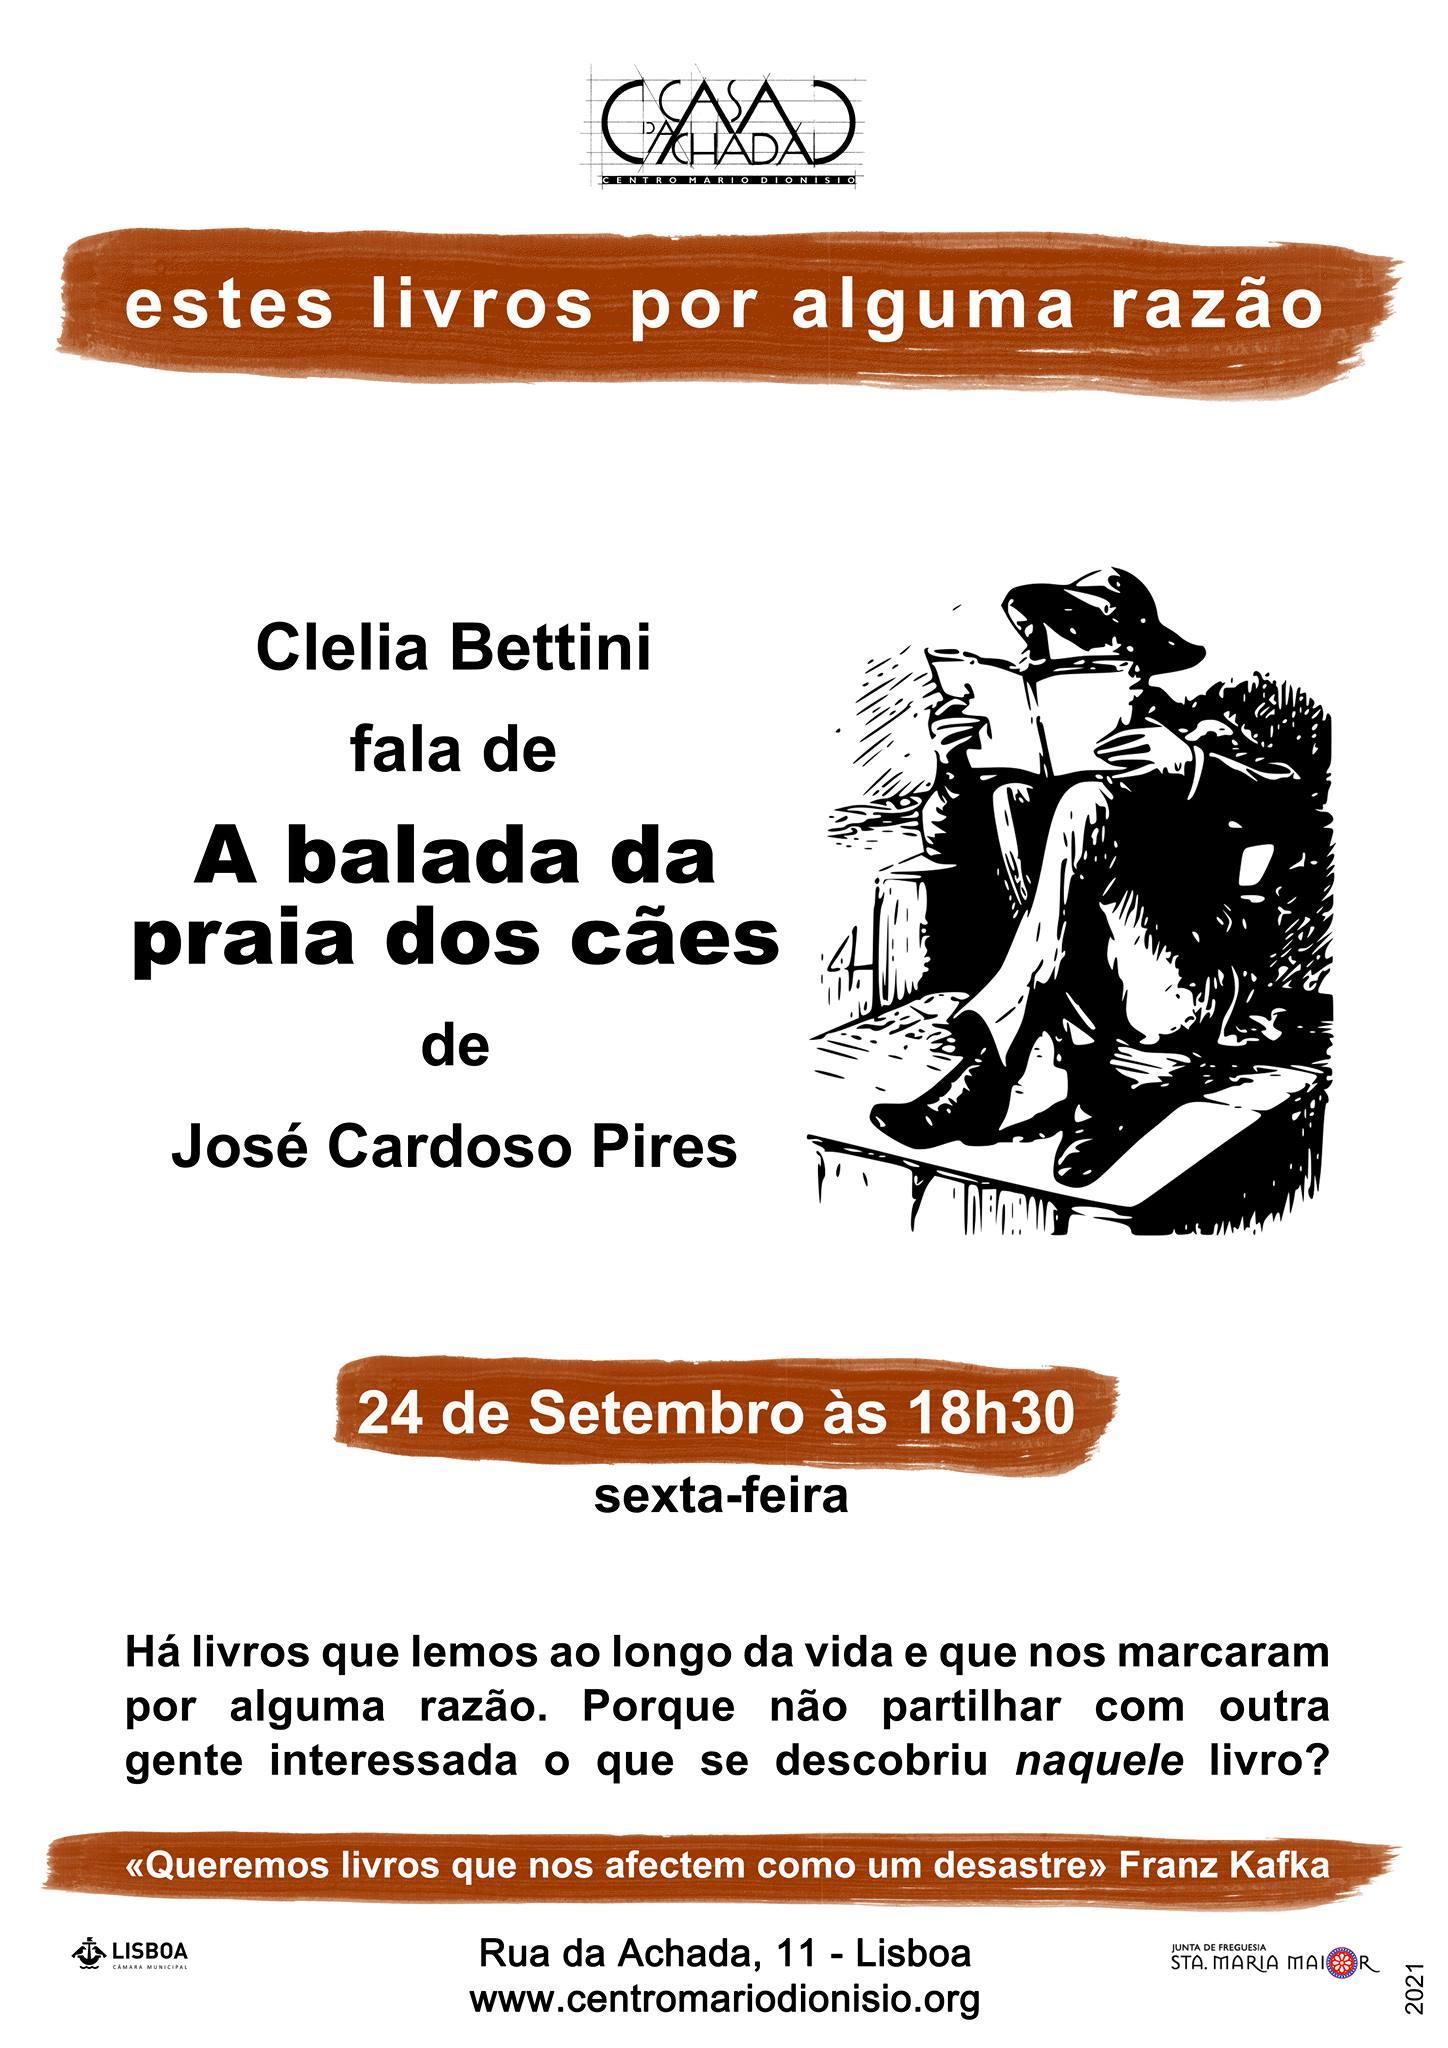 Estes livros por alguma razão: Clelia Bettini fala d'A Balada da Praia dos Cães